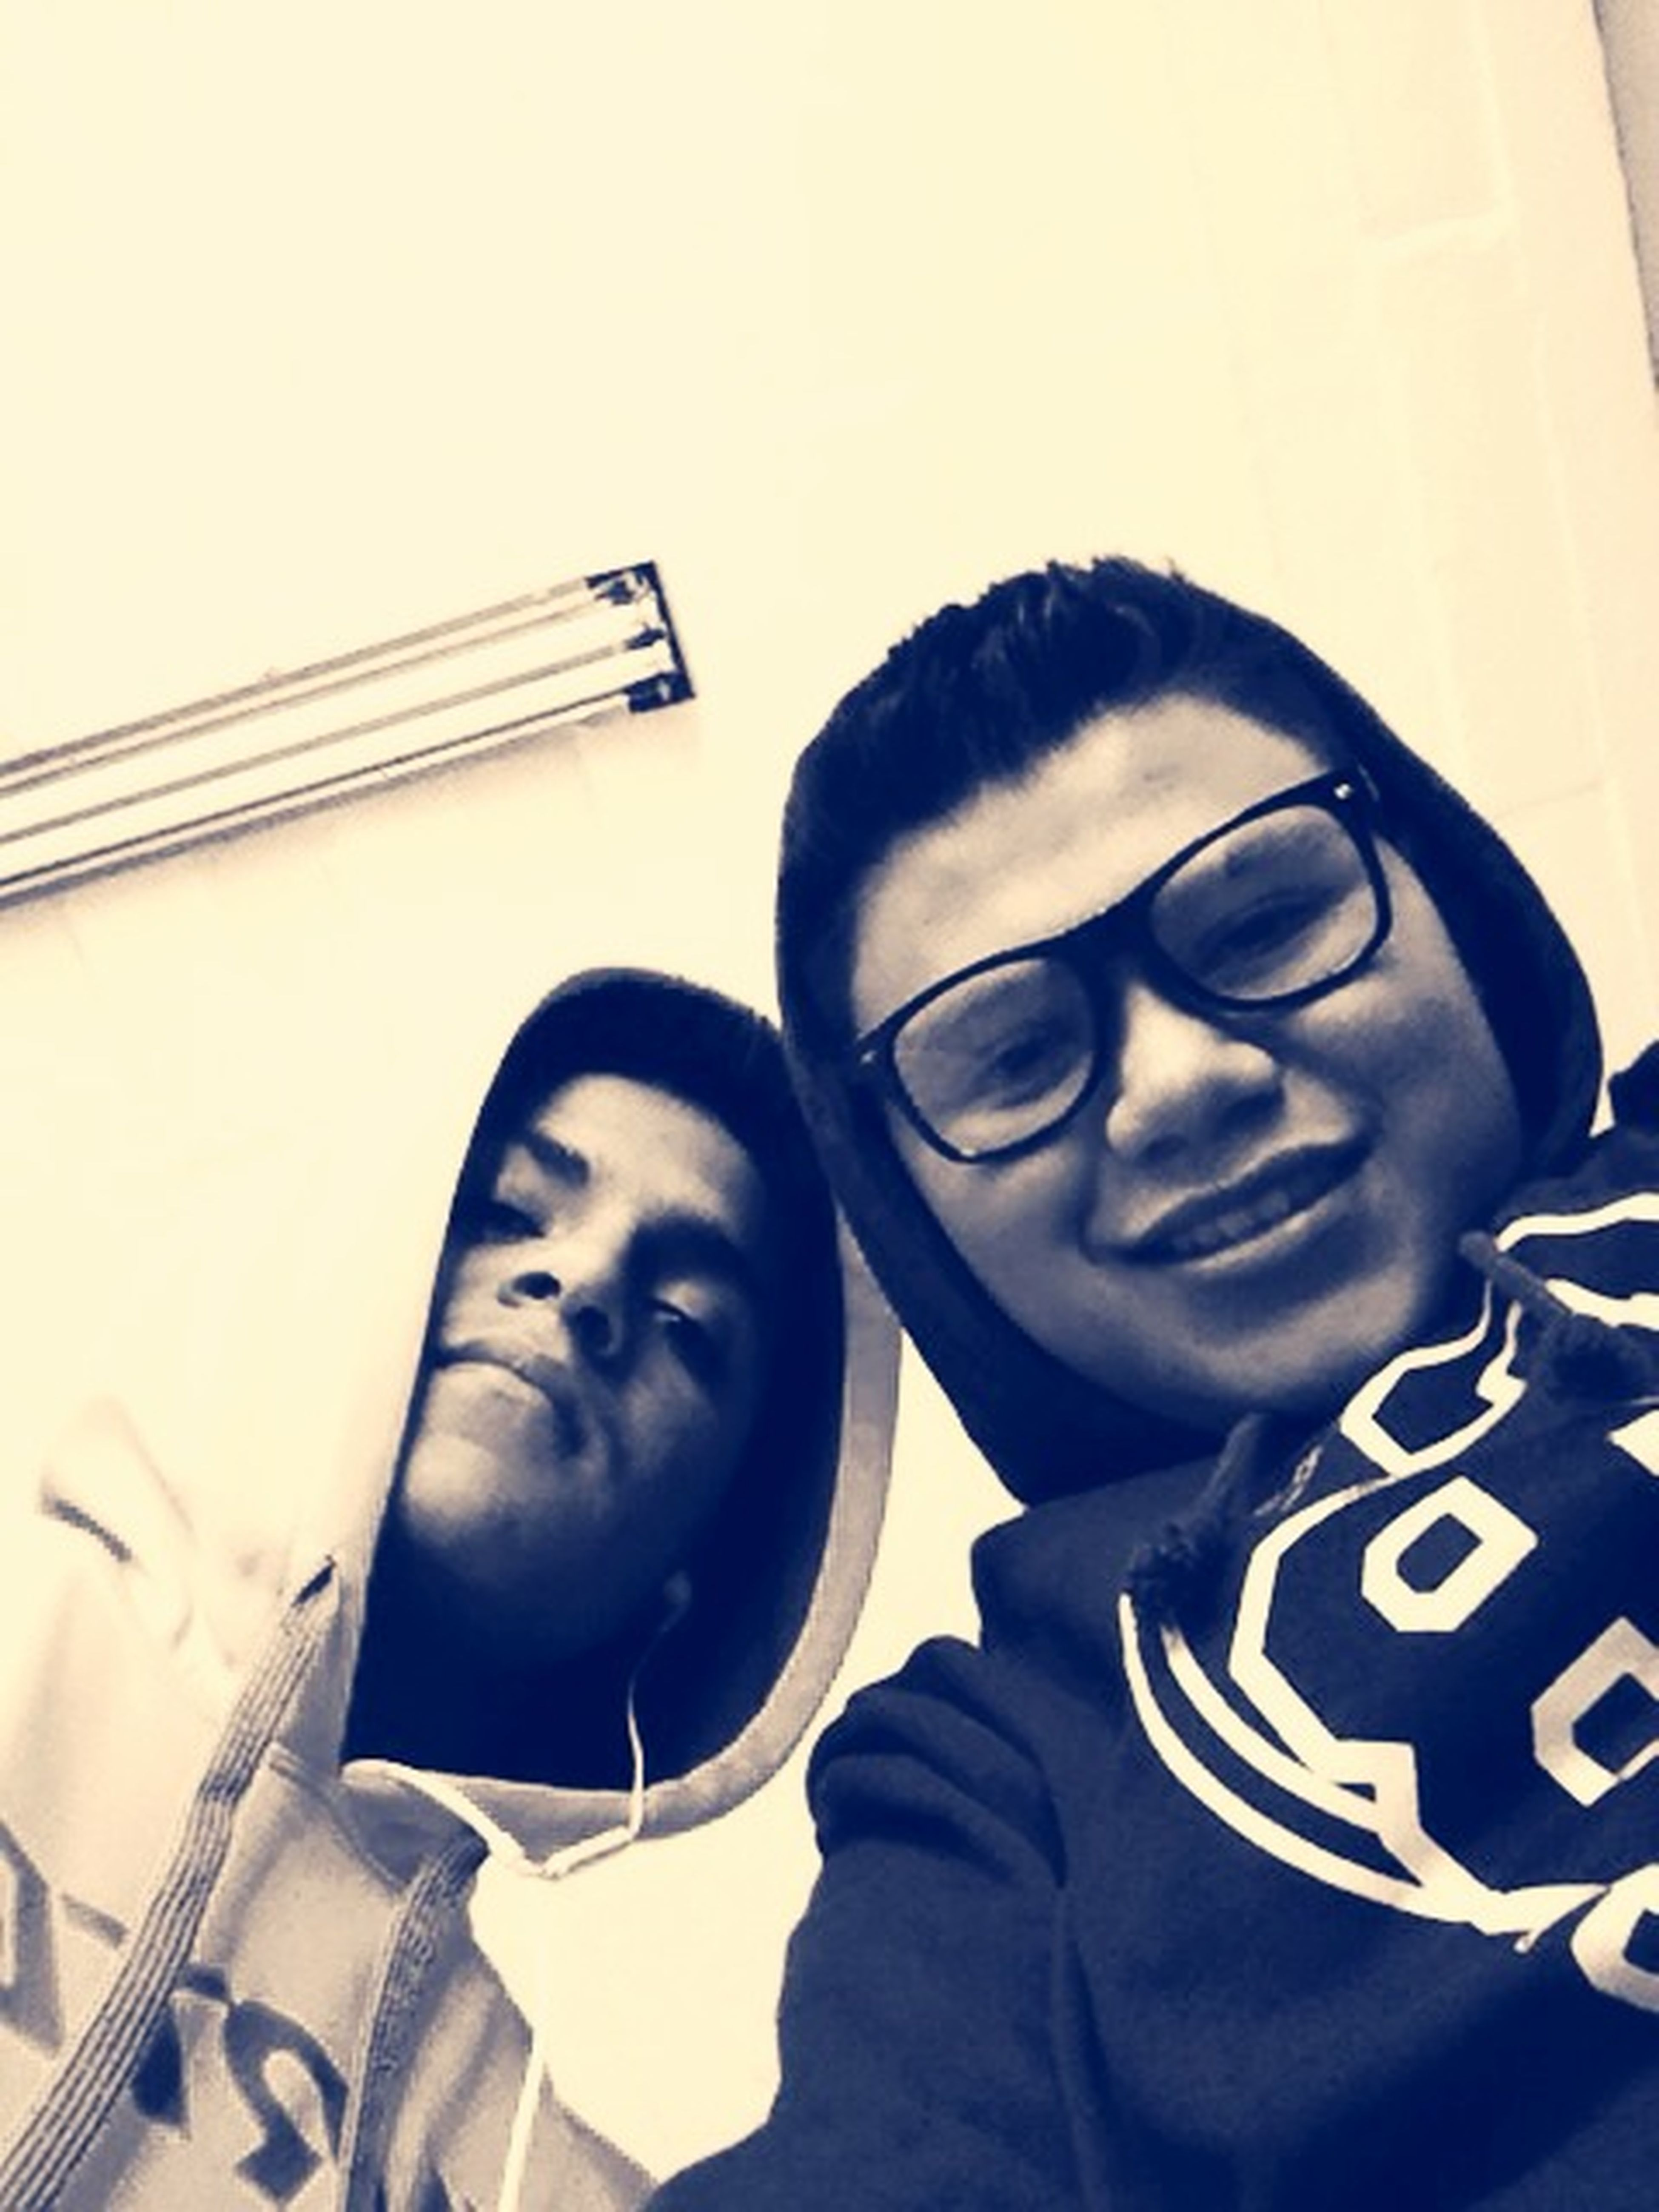 Aqui con mi amigo Daniel 😎 Chingonn